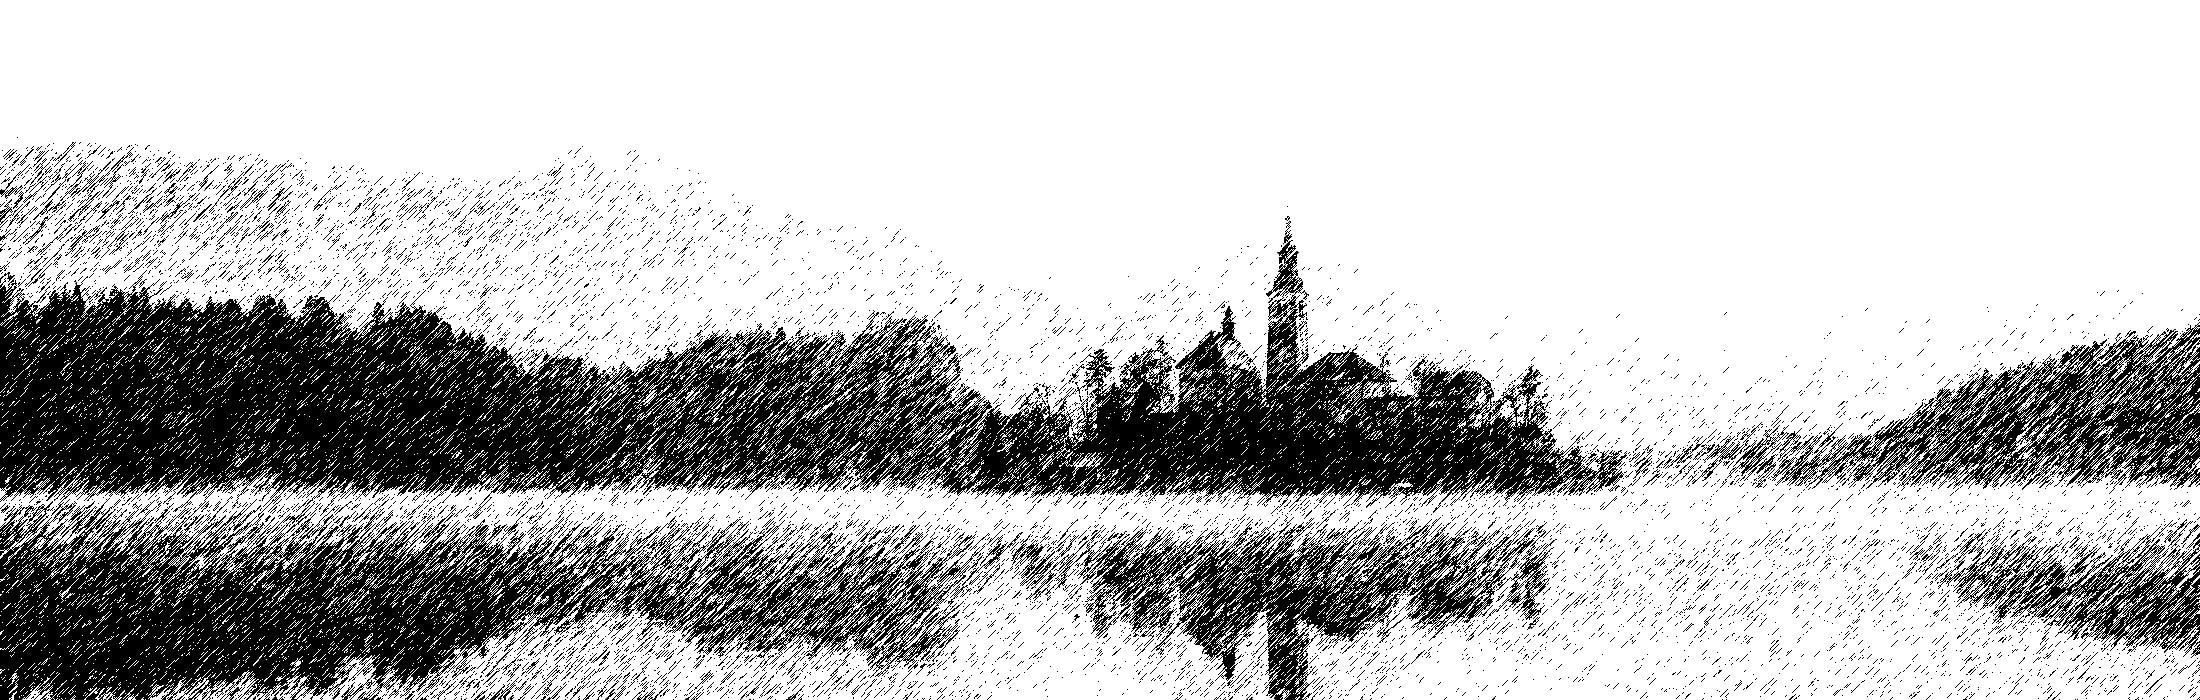 Zeichnung in Schwarz weiß, passend zu der alten Zeit und Geschichte der Sapiens